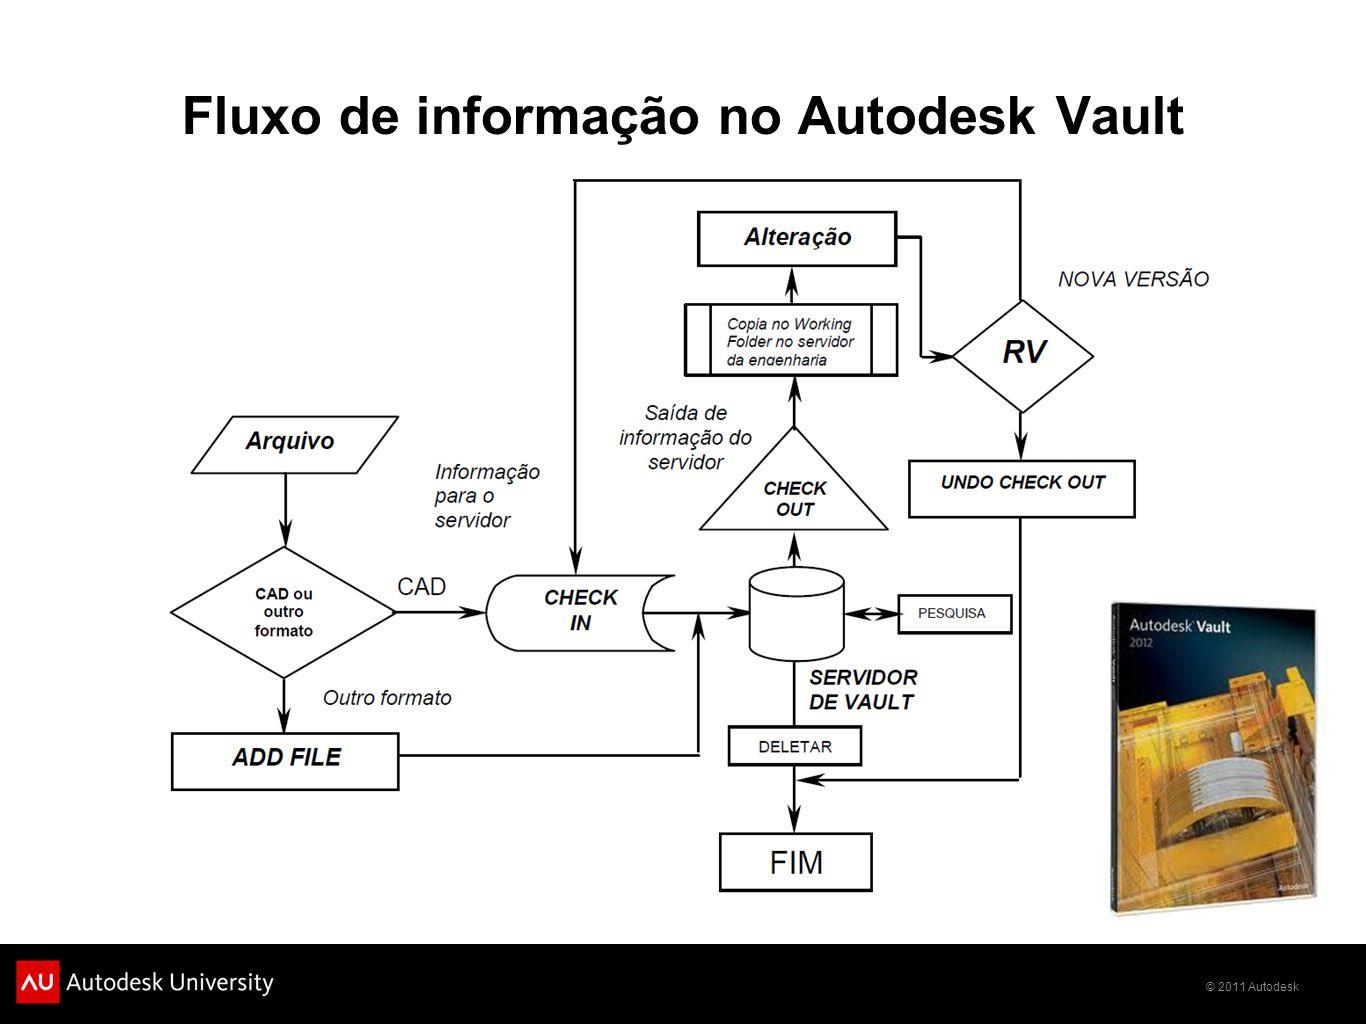 Fluxo de informação no Autodesk Vault